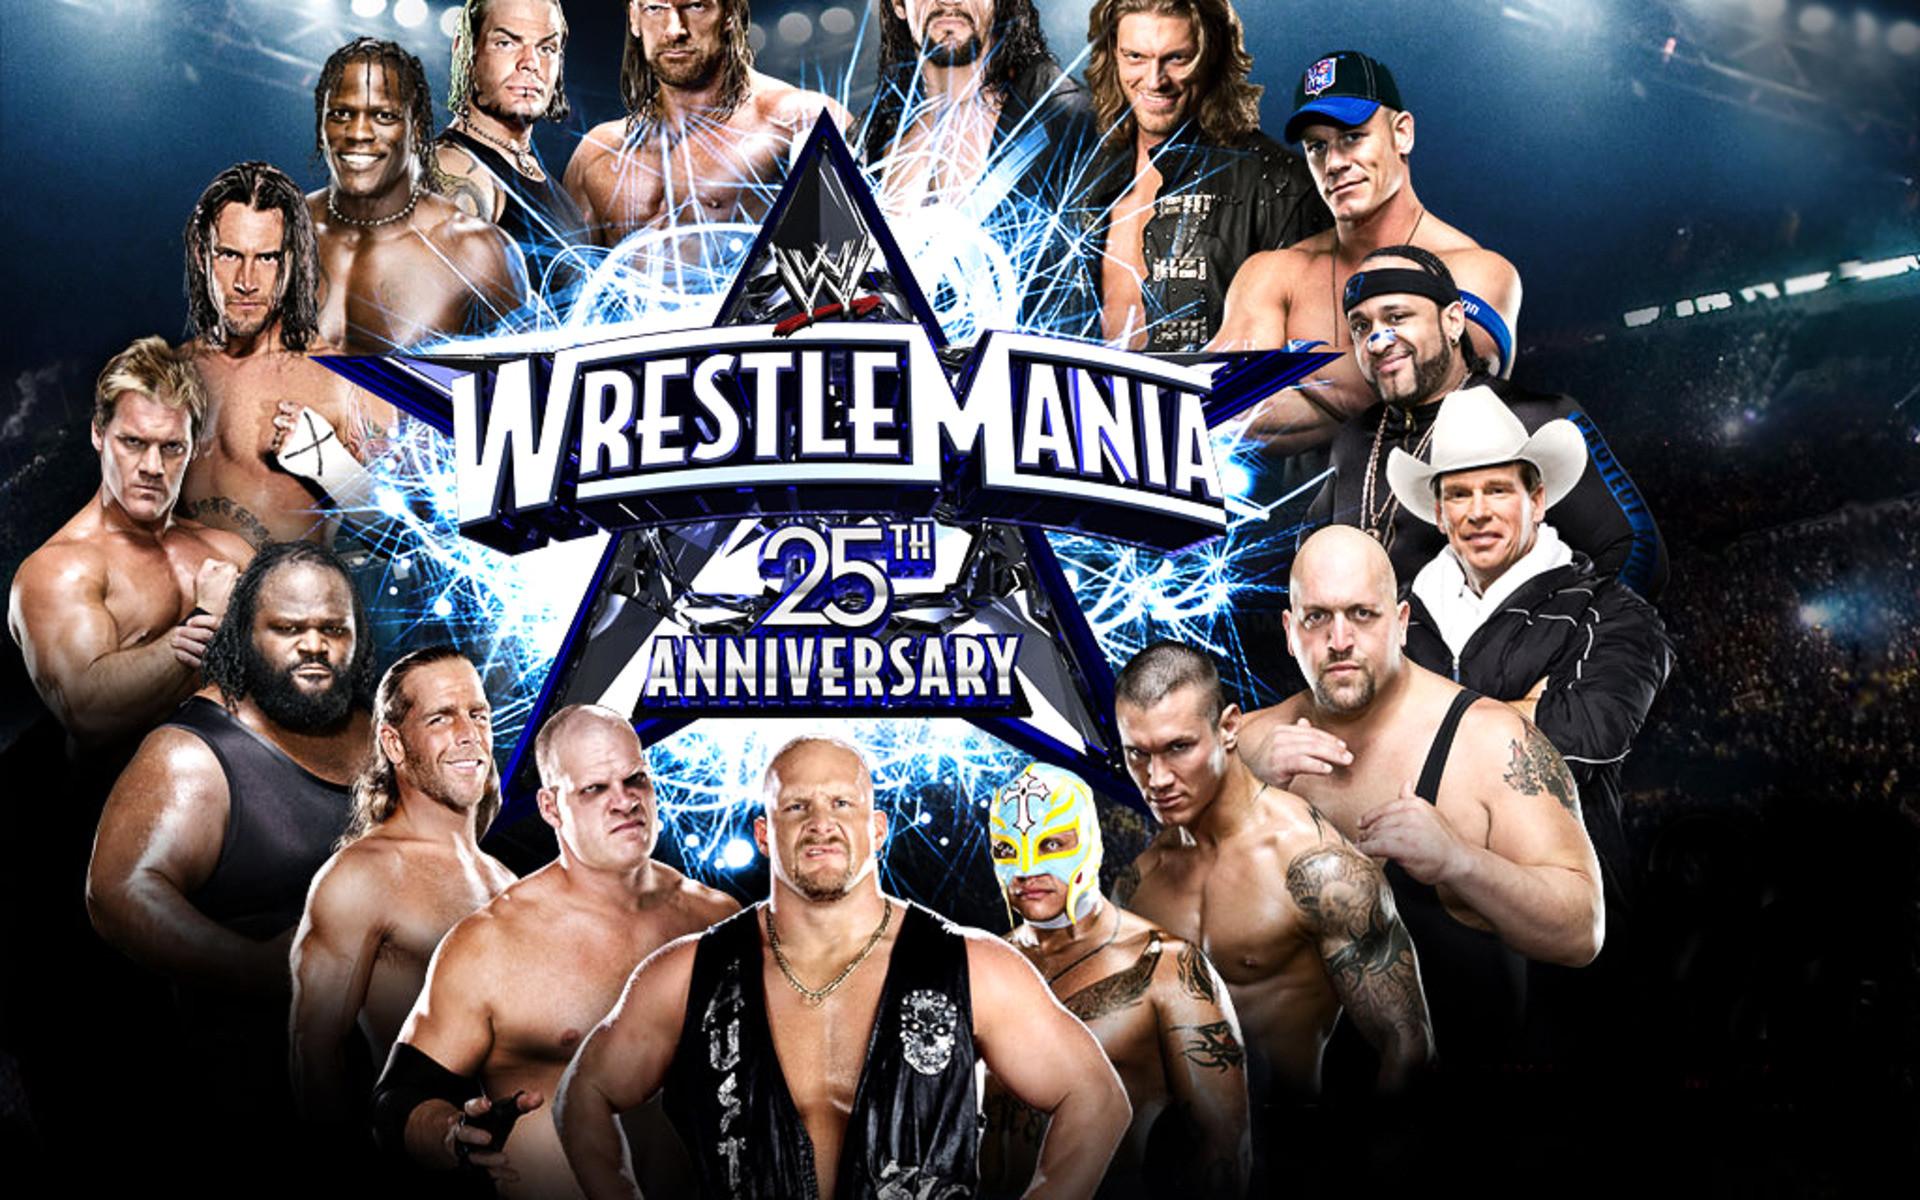 WWE Wrestling Wrestle Mania WIDE Wrestling WWE